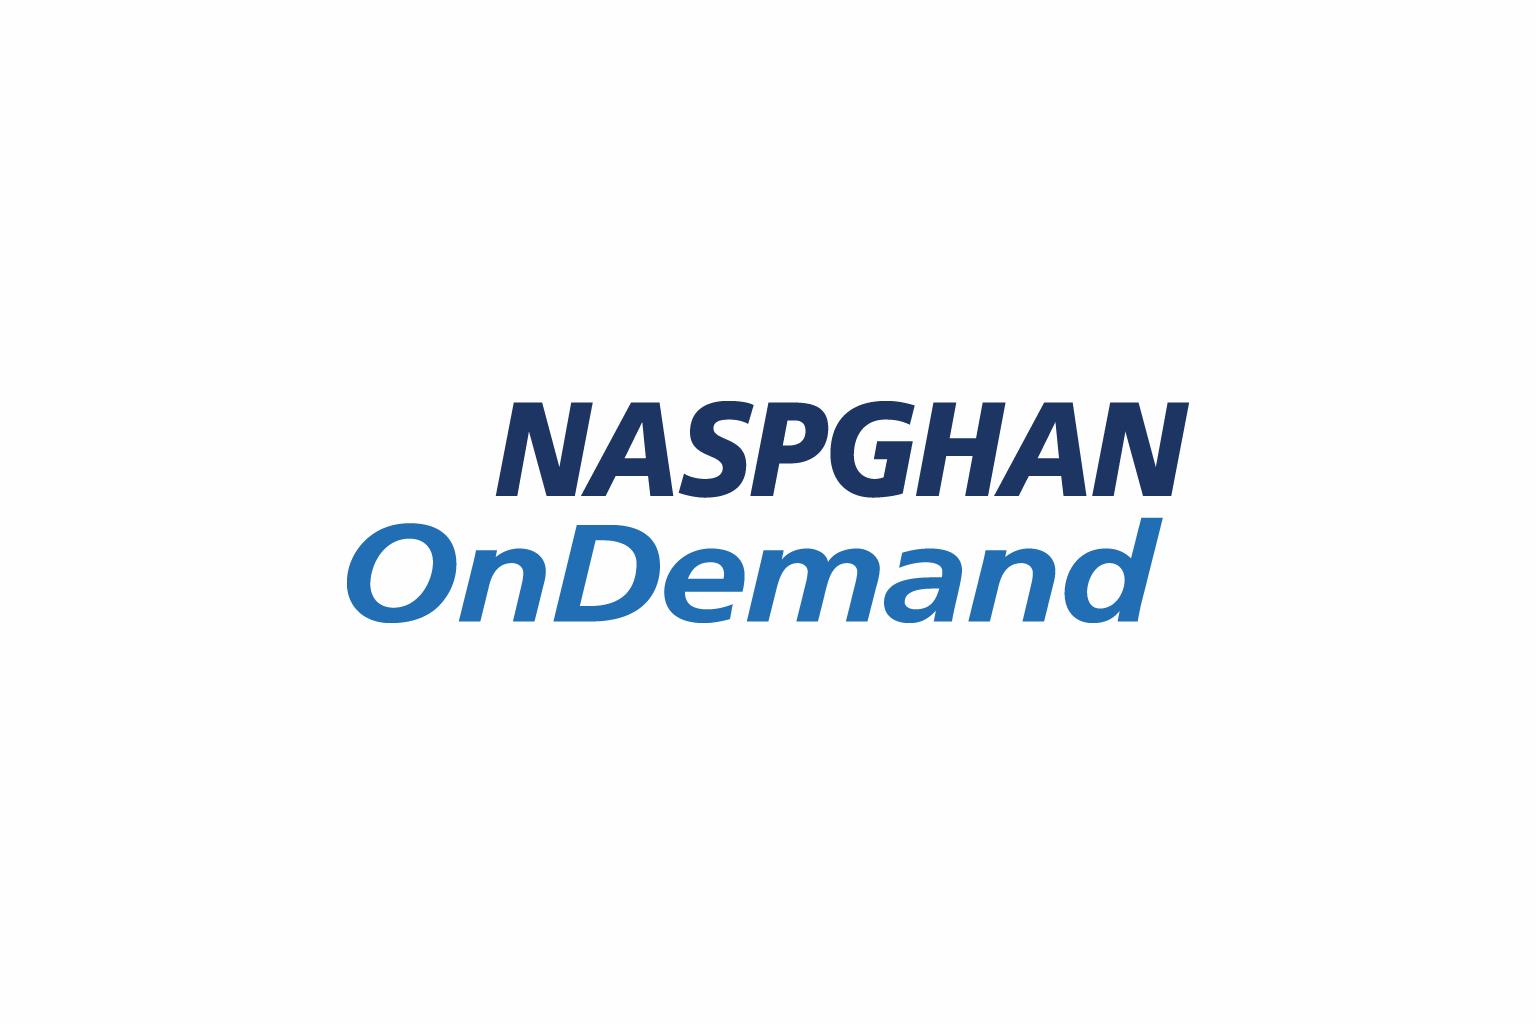 NASPGHAN OnDemand logo